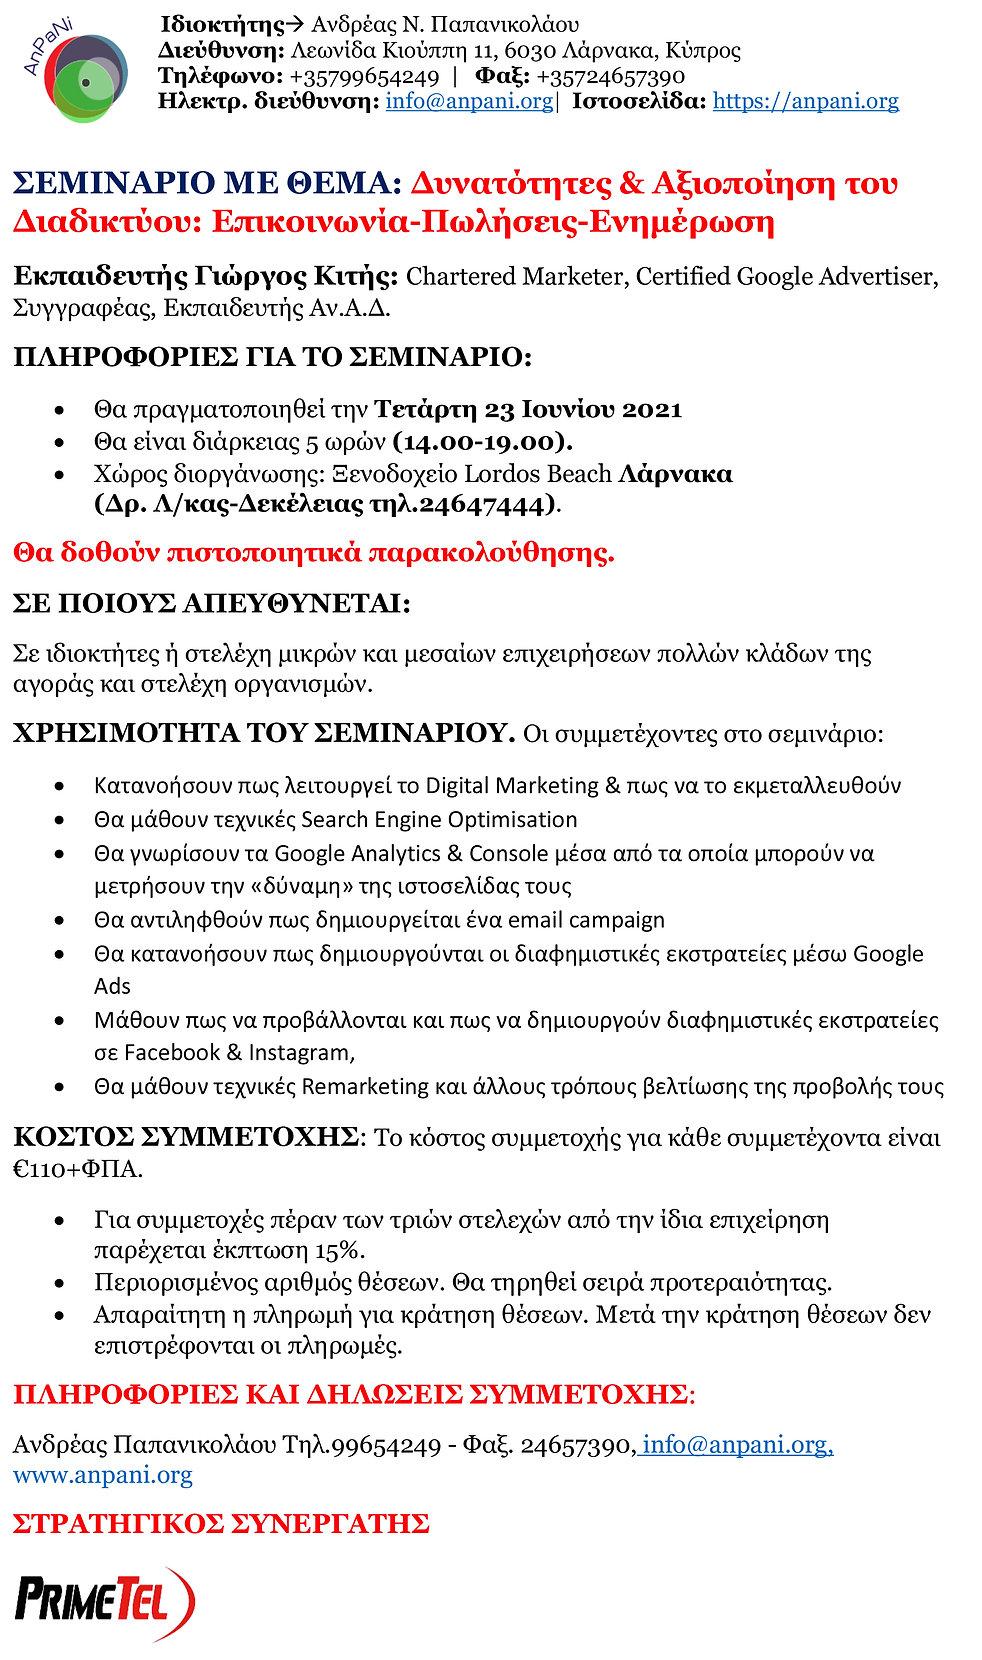 Πληροφορίες Σεμιναρίου new.jpg